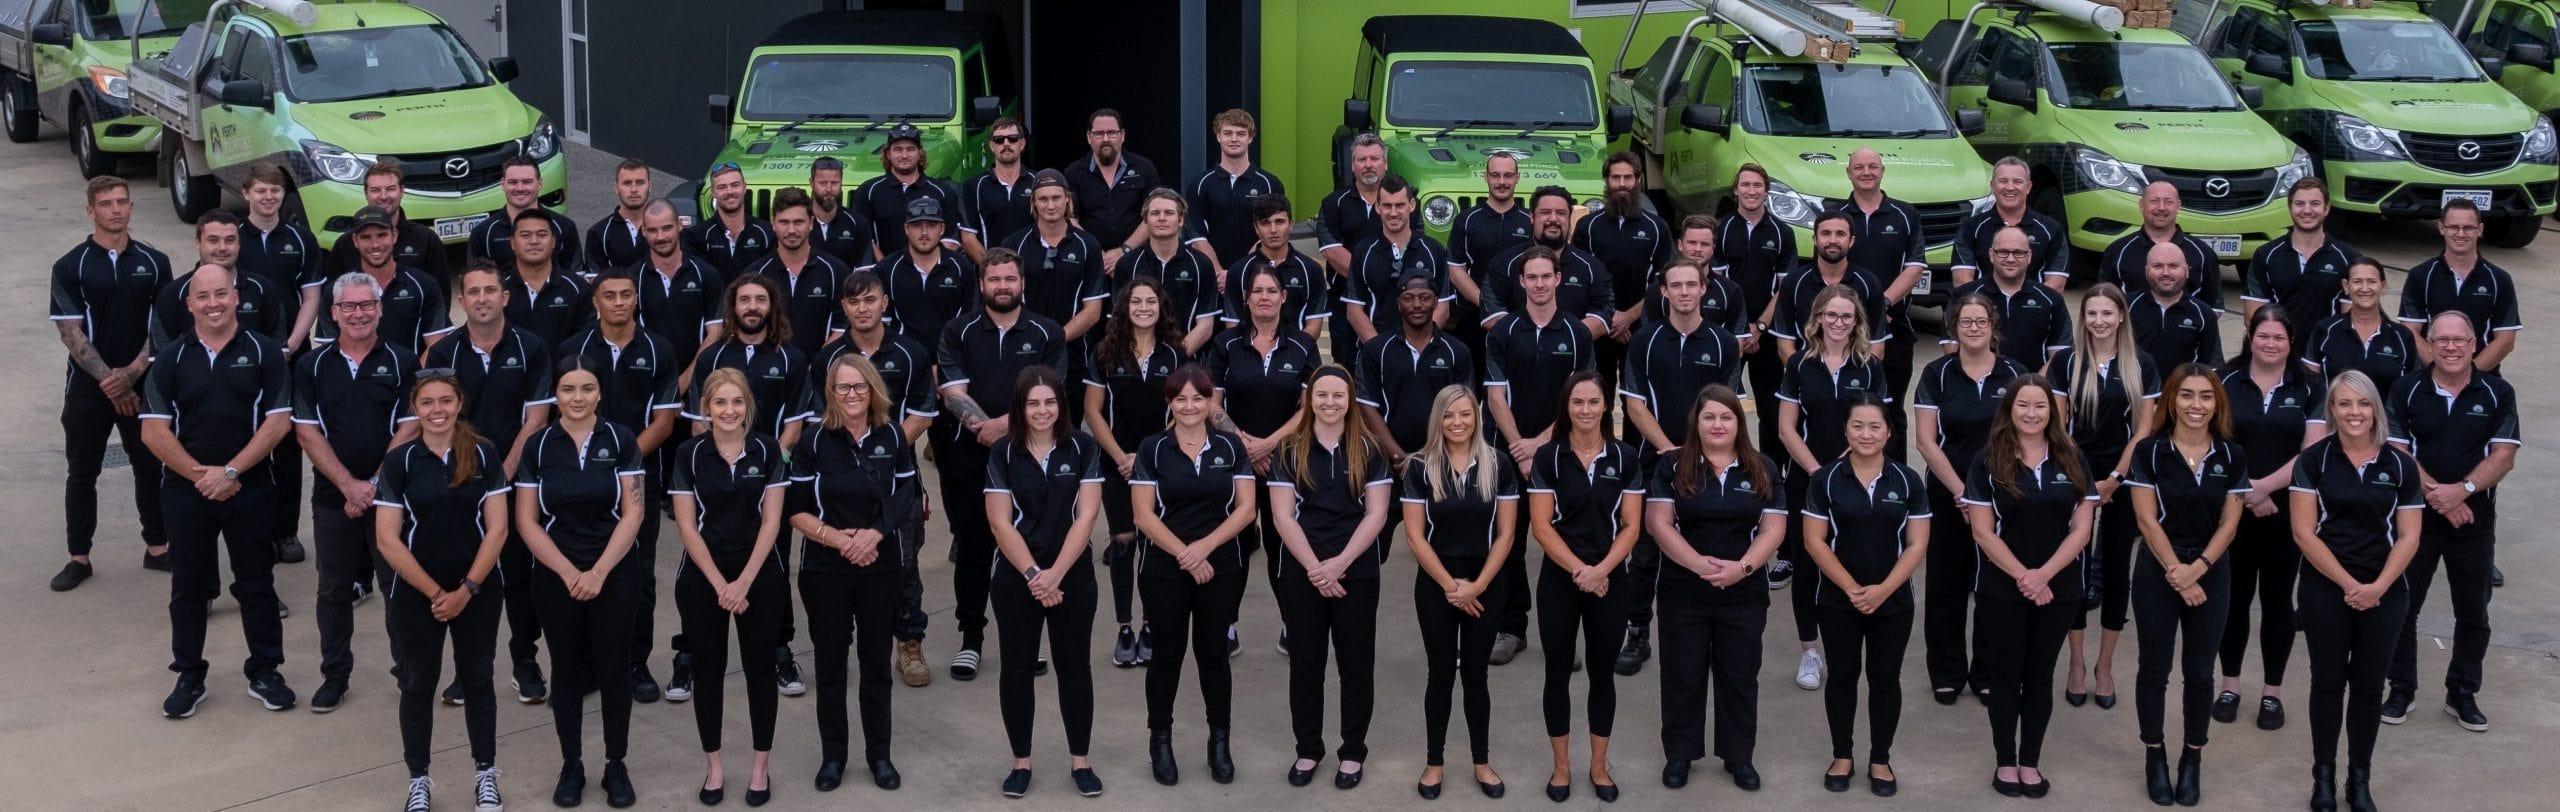 Team Members of Perth Solar Force